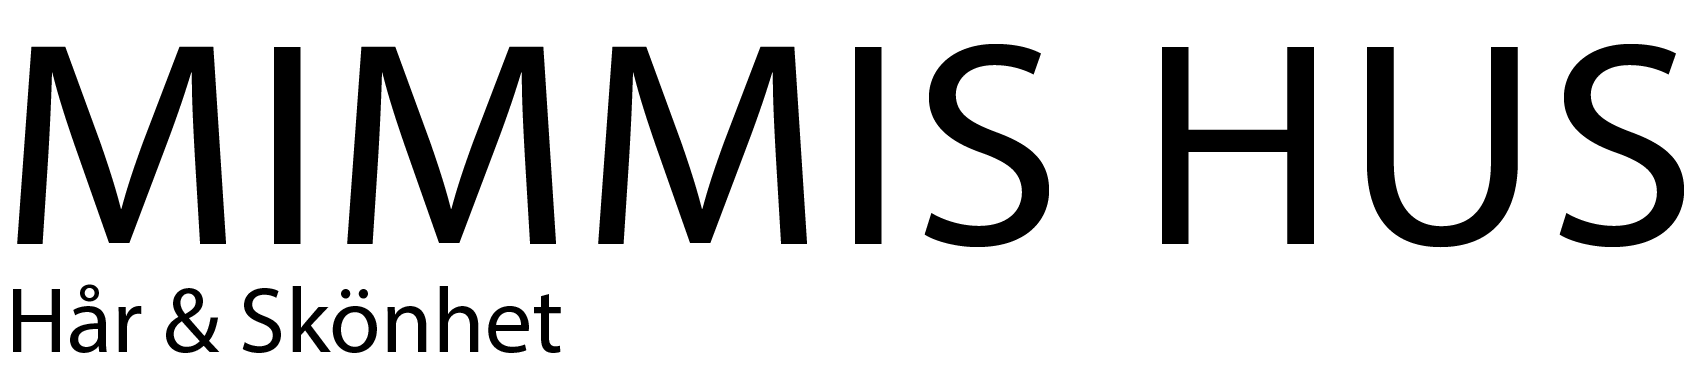 mimmis hus söderköping